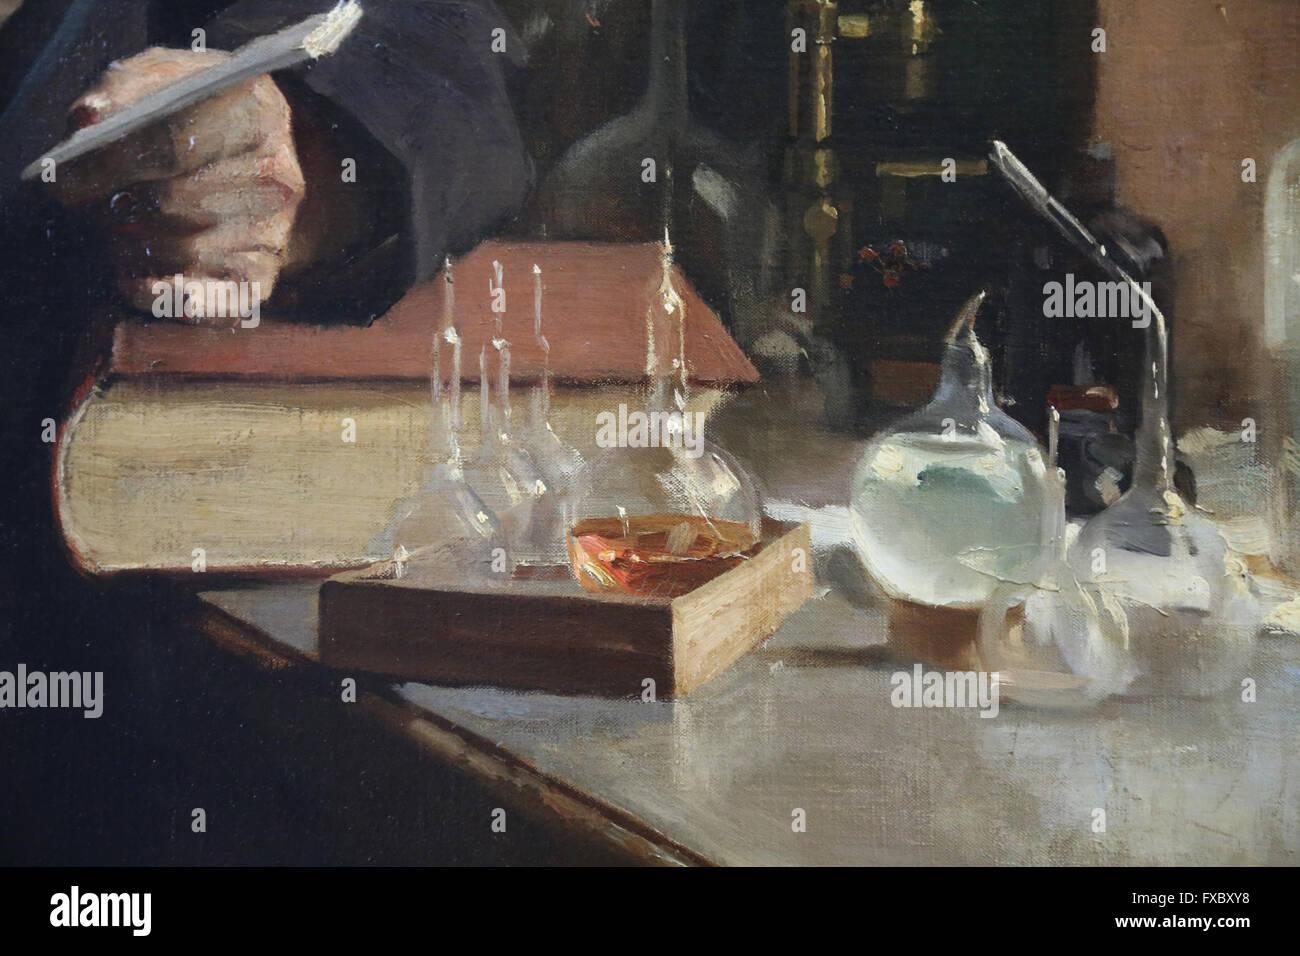 Louis Pasteur. Ritratto, 1885 dal pittore Albert Edelfelt (1854-1905). Olio su tela. Dettaglio: materiale di laboratorio. Immagini Stock